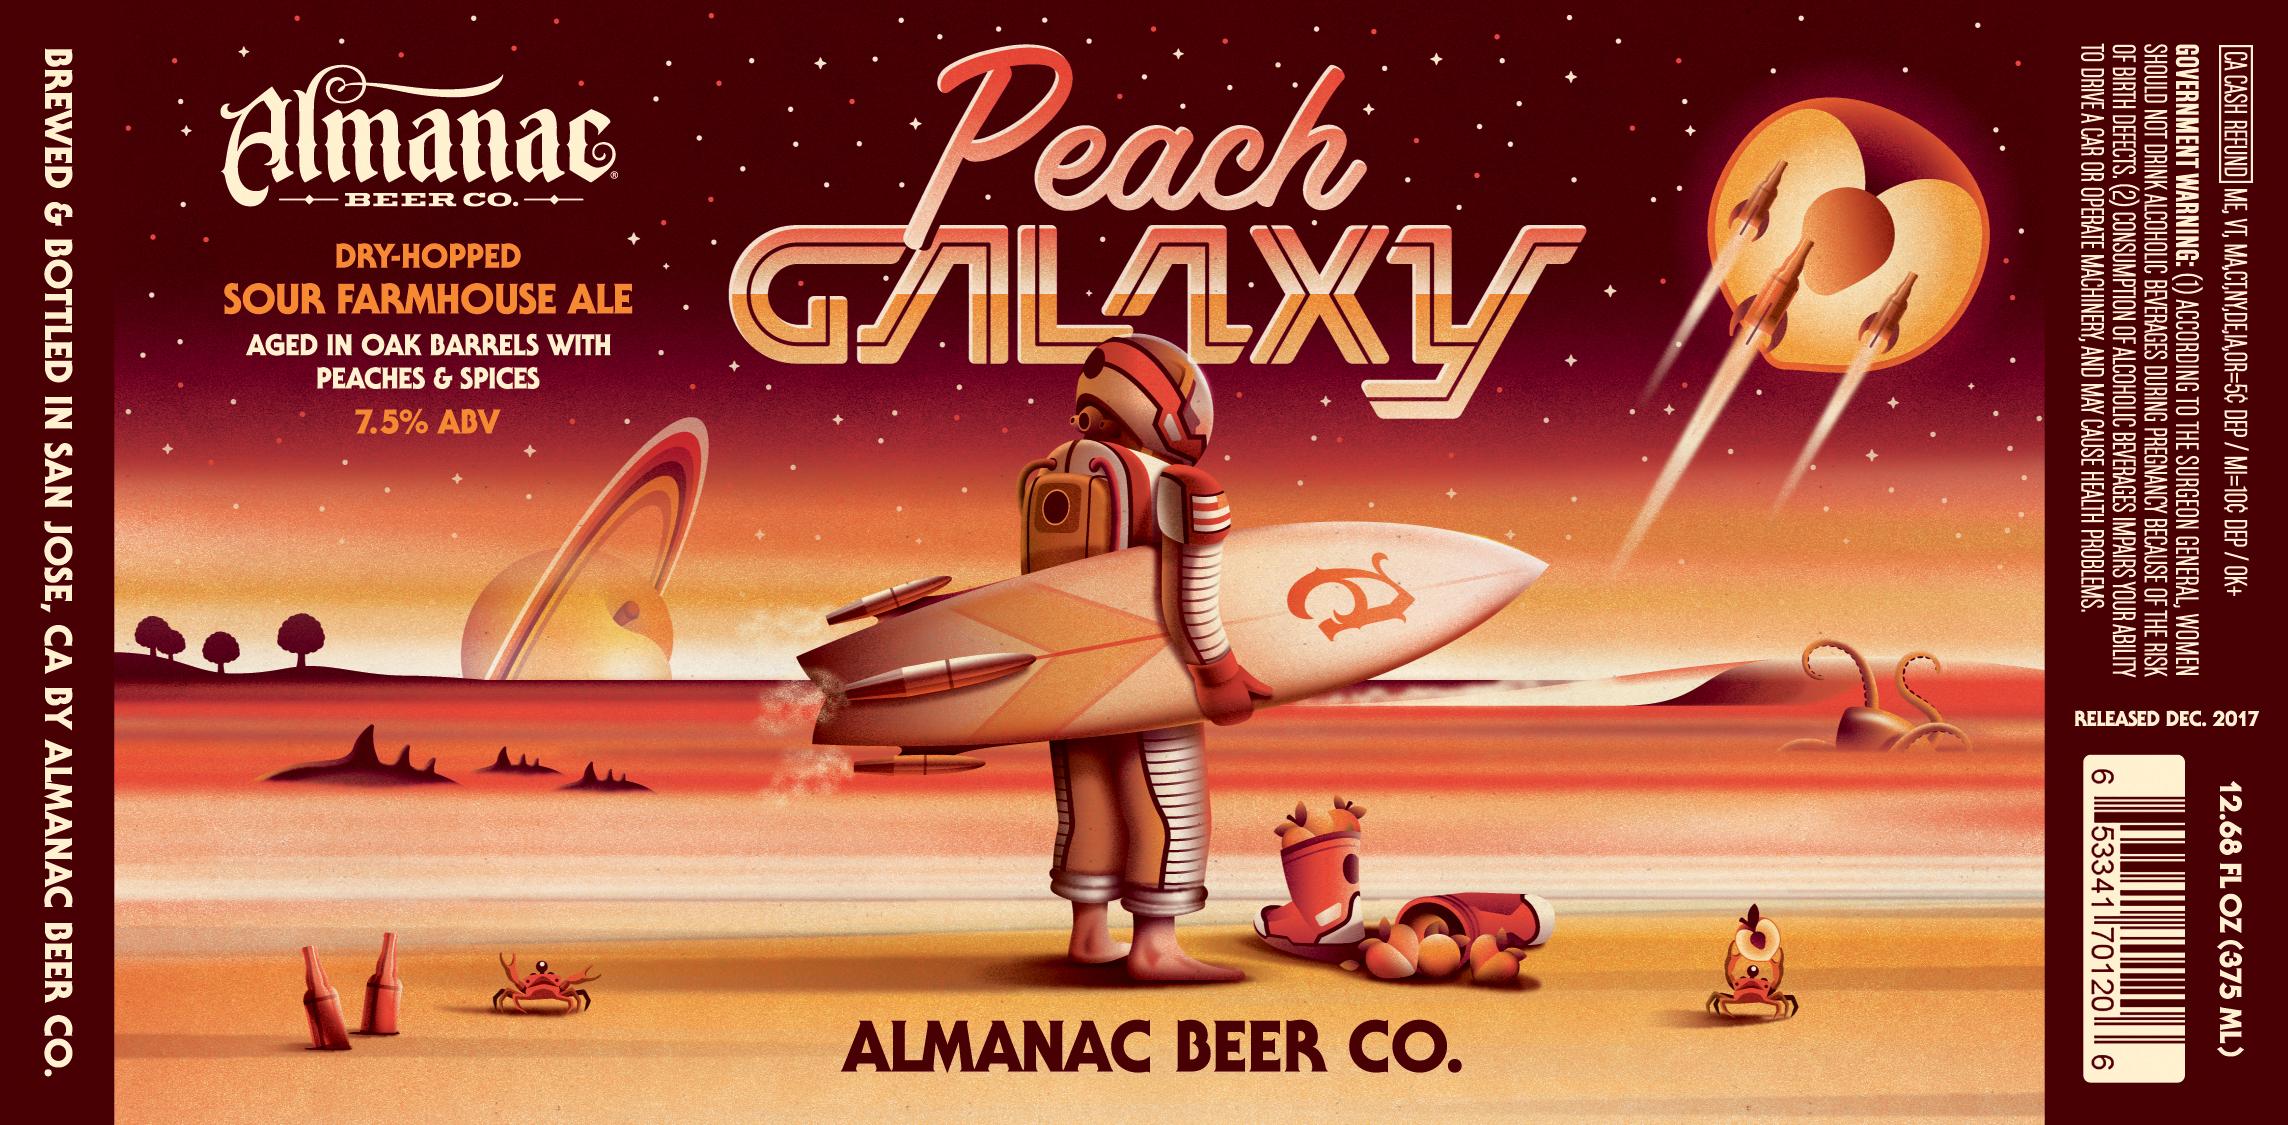 peach_galaxy_label_final-01.jpg